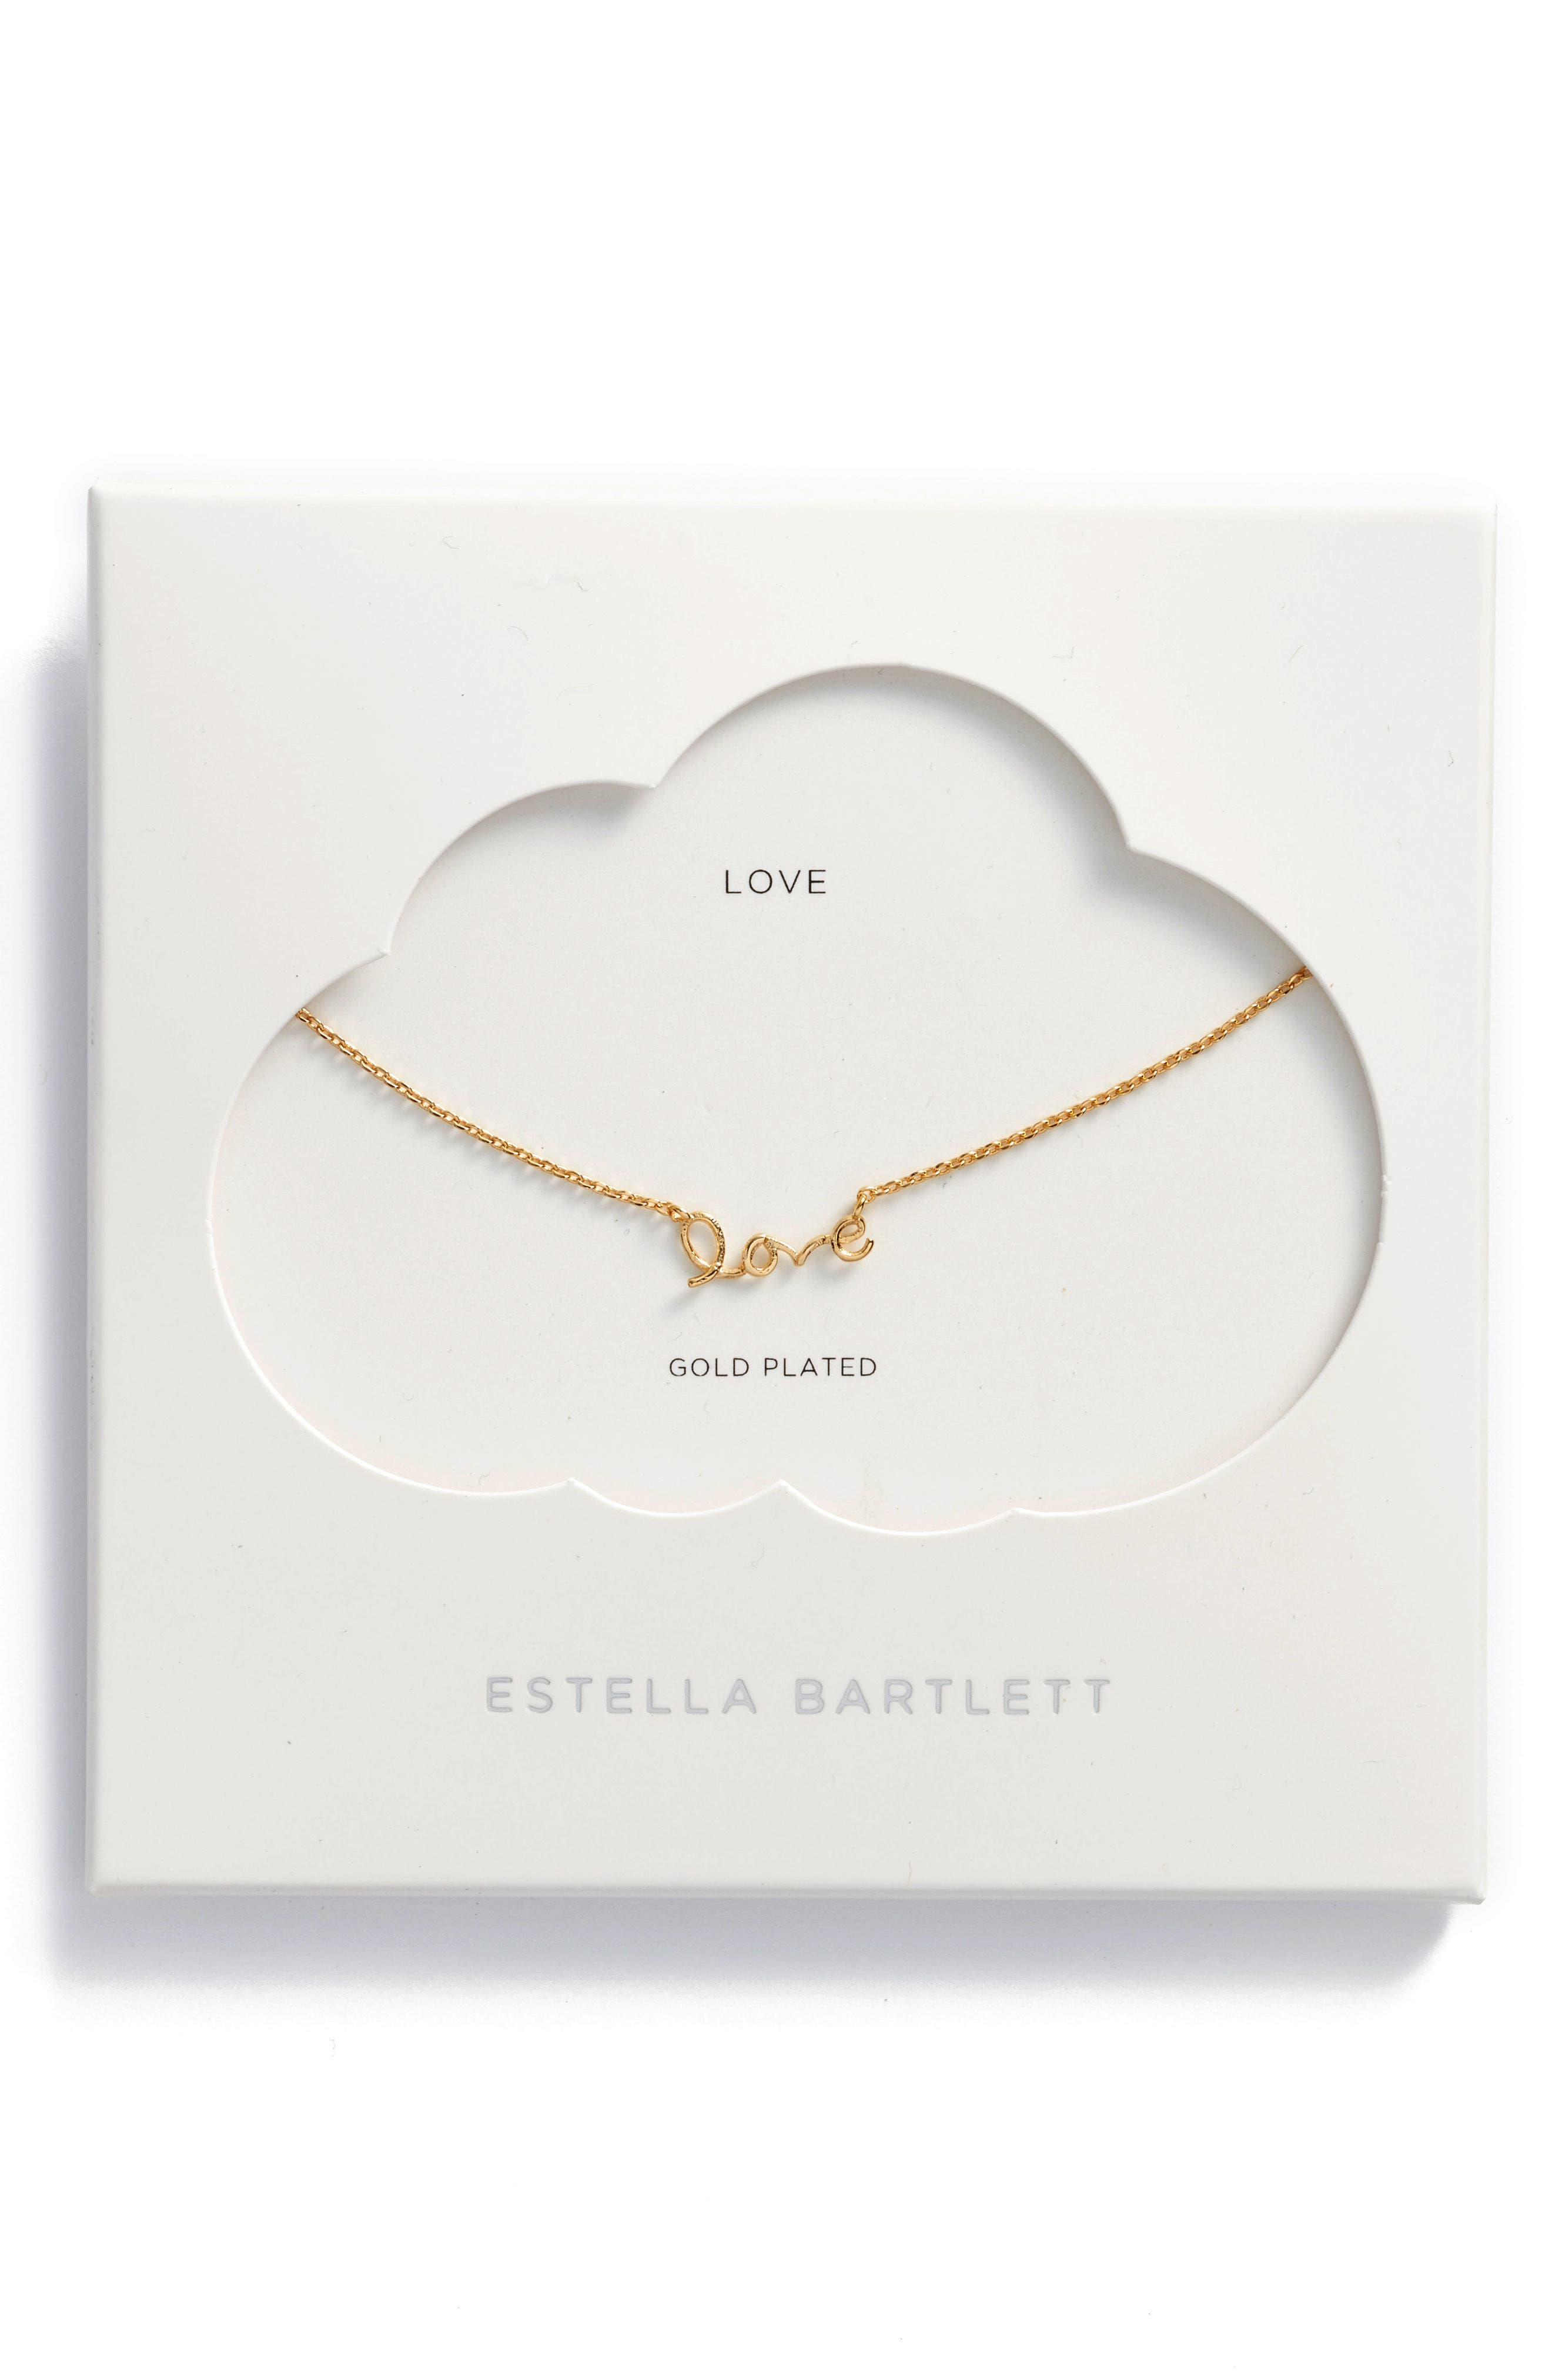 Love Pendant Necklace,                             Main thumbnail 1, color,                             710